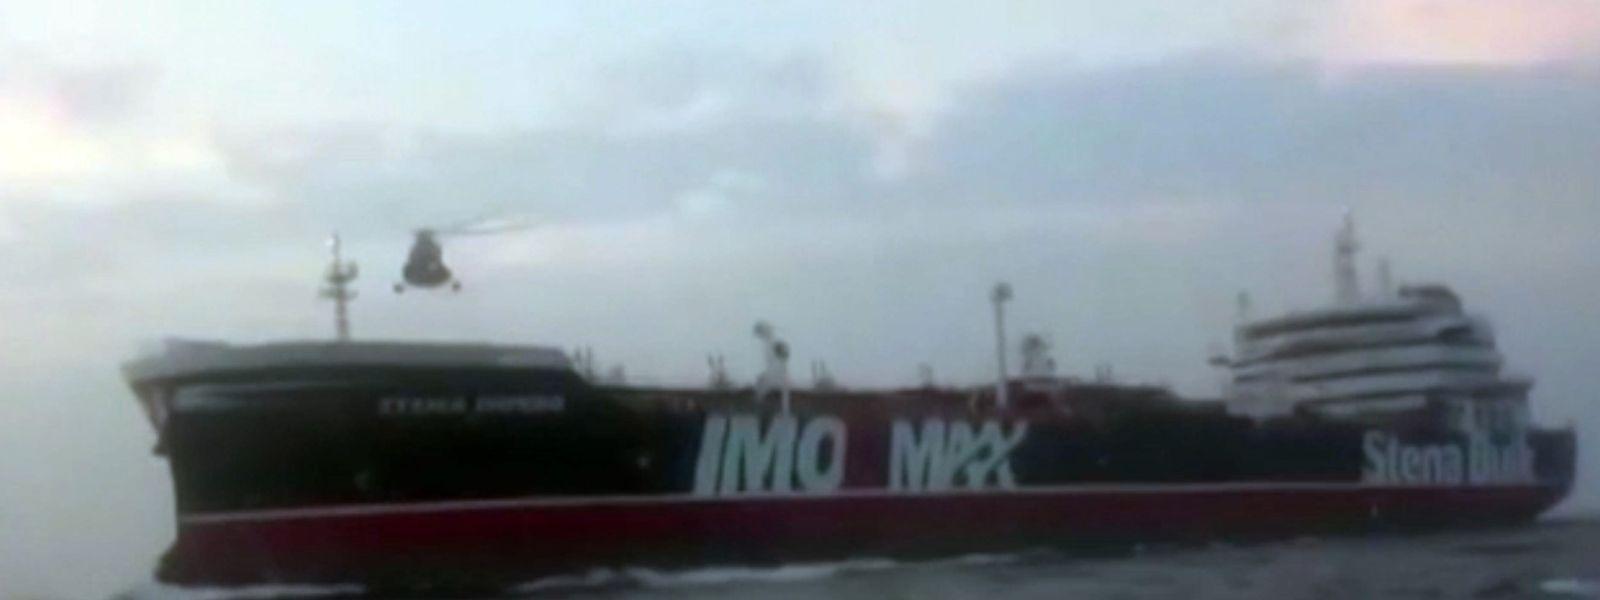 Dieses Videostandbild von der Iranischen Revolutionsgarde zeigt einen Hubschrauber über dem britischen Öltanker Stena Impero. Iran hatte den unter britischer Flagge fahrenden Öltanker «Stena Impero» am Freitag festgesetzt. Britische Medien veröffentlichten von dem Vorfall am Wochenende Audioaufnahmen.